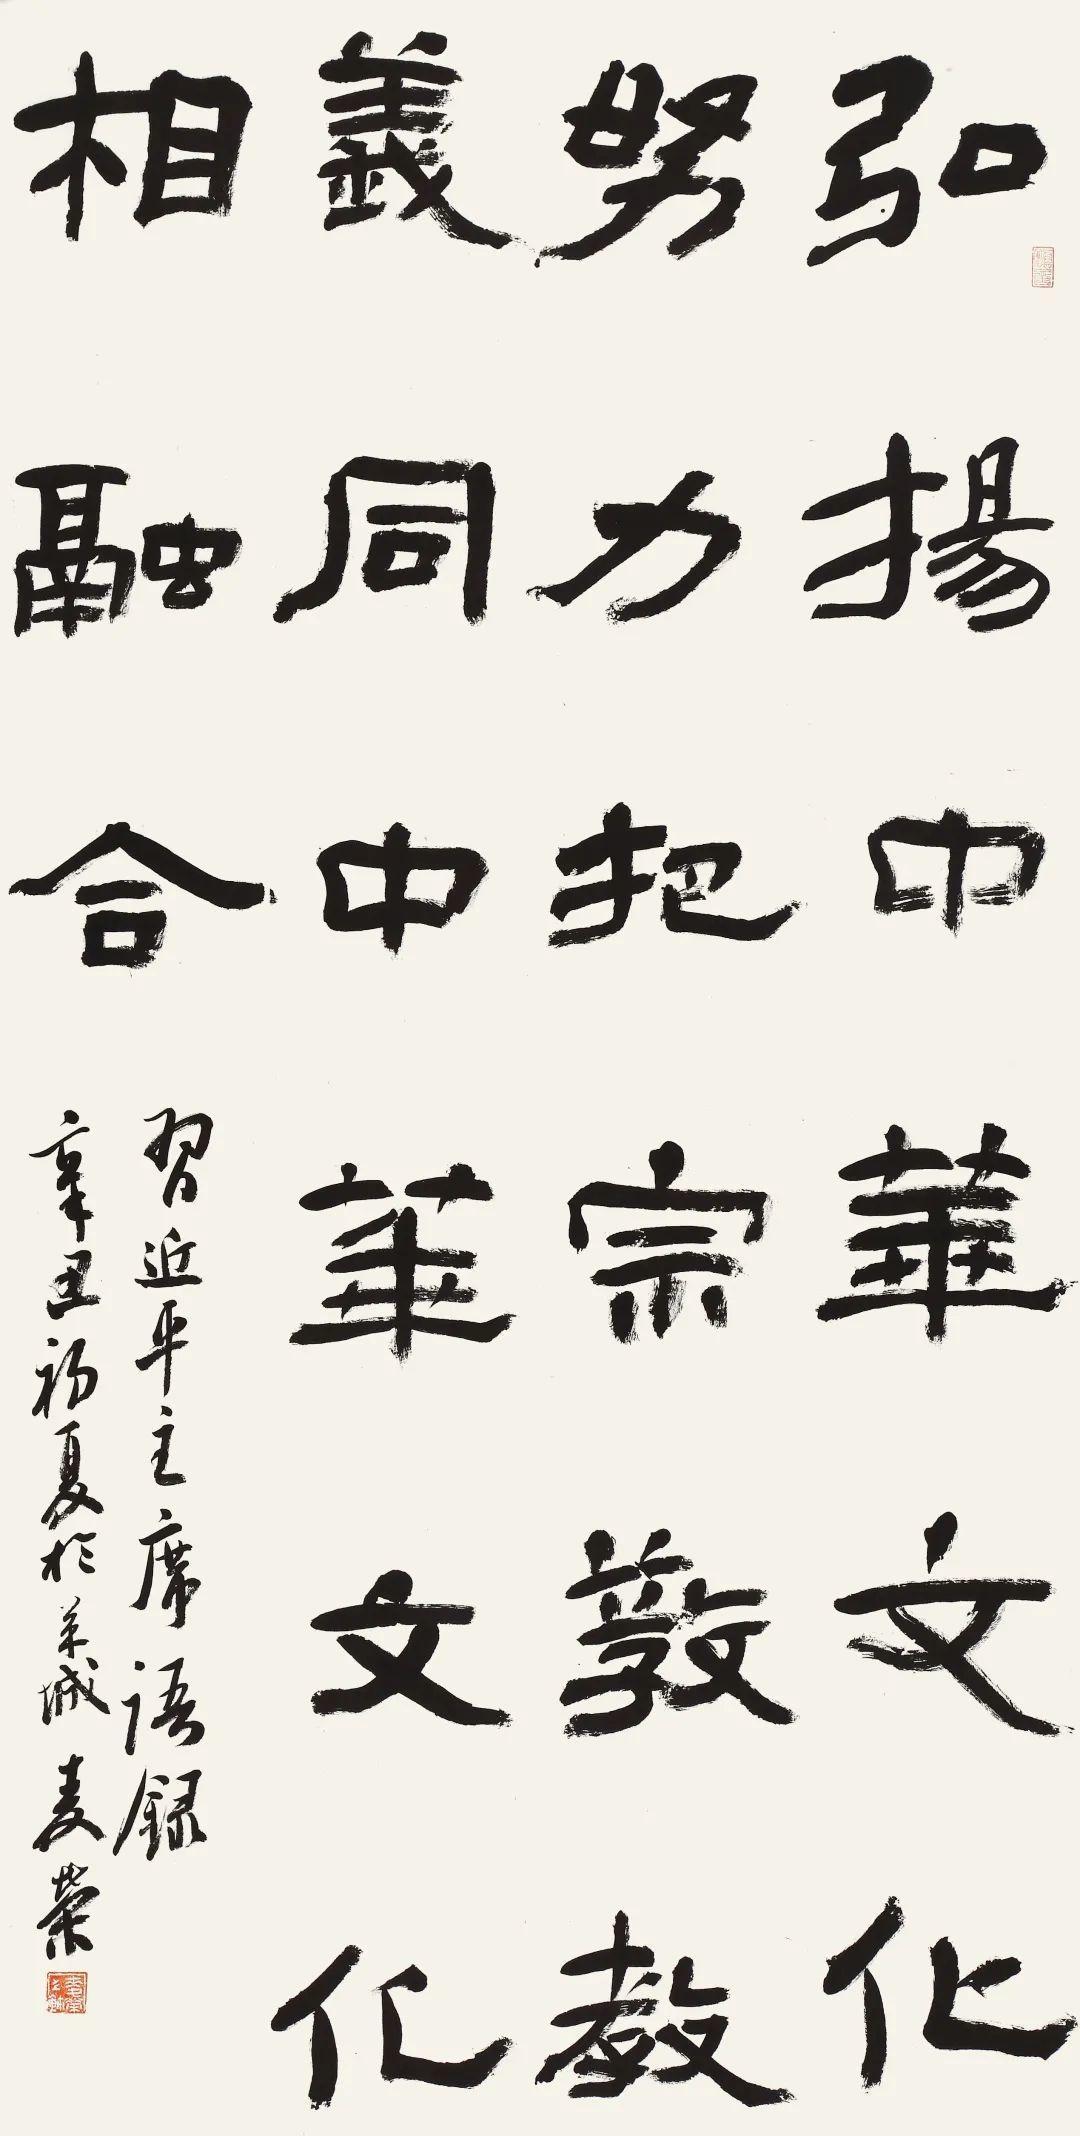 中国书法家协会会员、广东省书法家协会会员、广州市青年书法家协会副秘书长、广州市白云区书法家协会主席麦荣